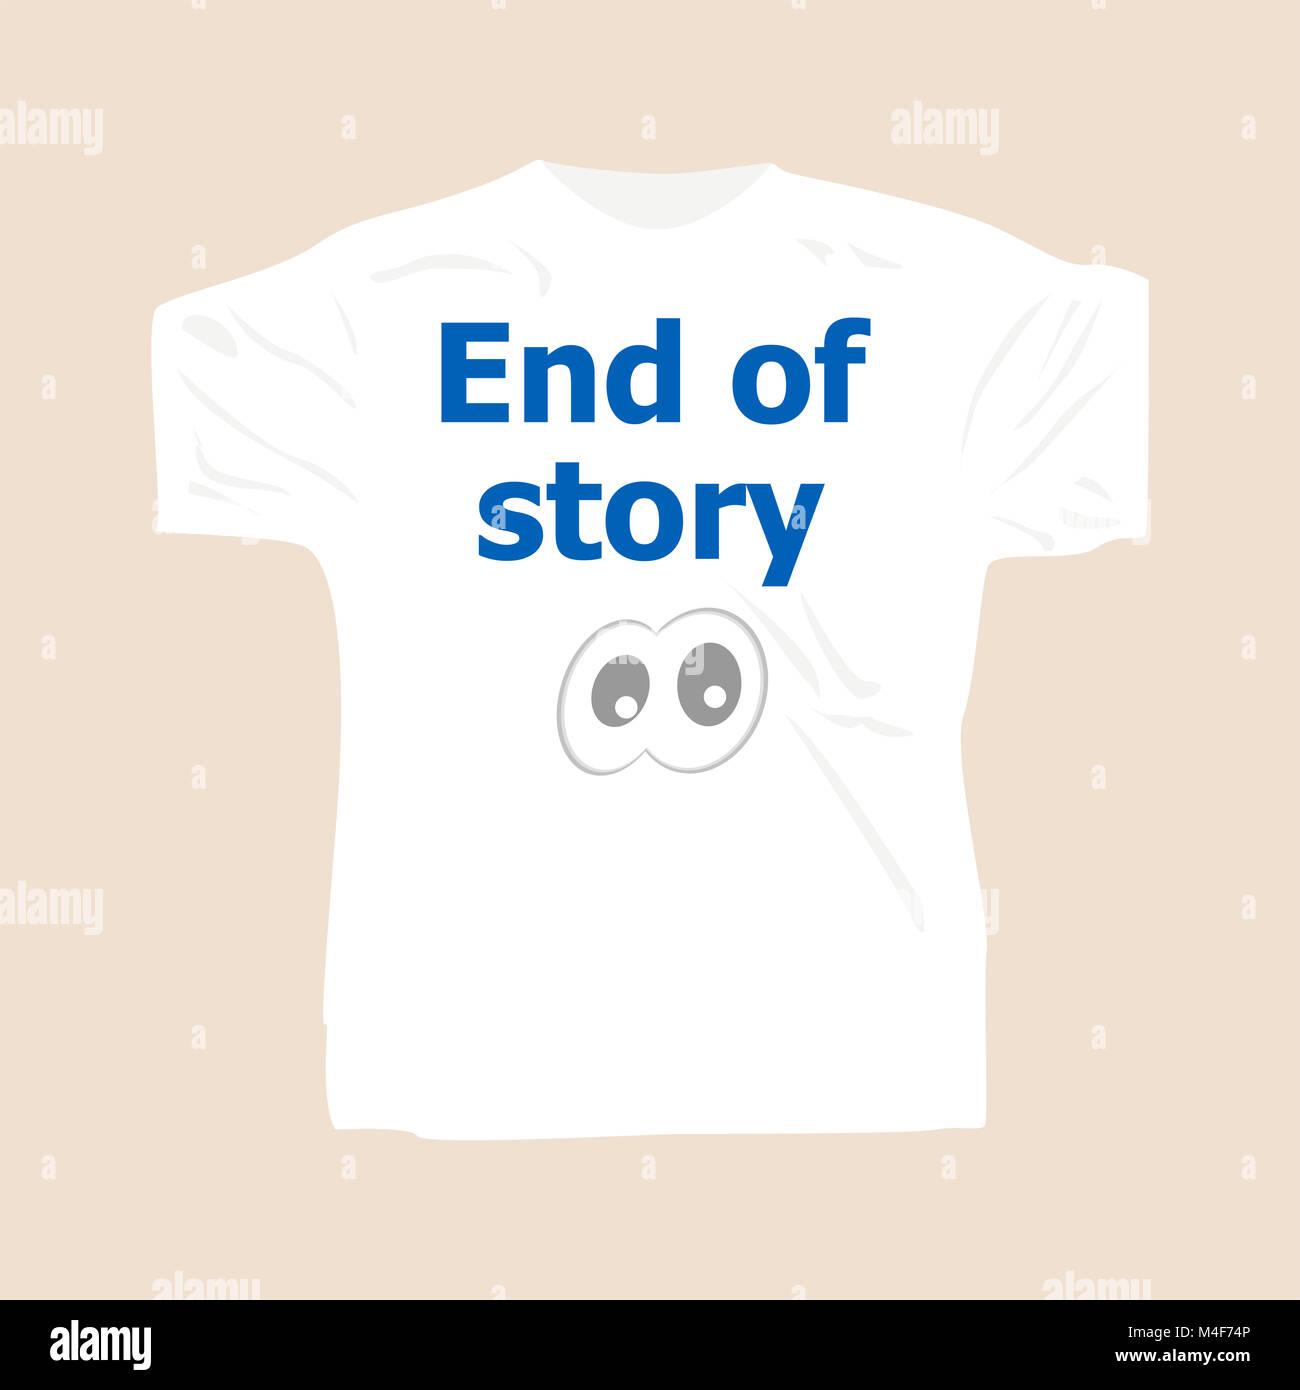 T Shirt Printing Shop Stock Photos T Shirt Printing Shop Stock